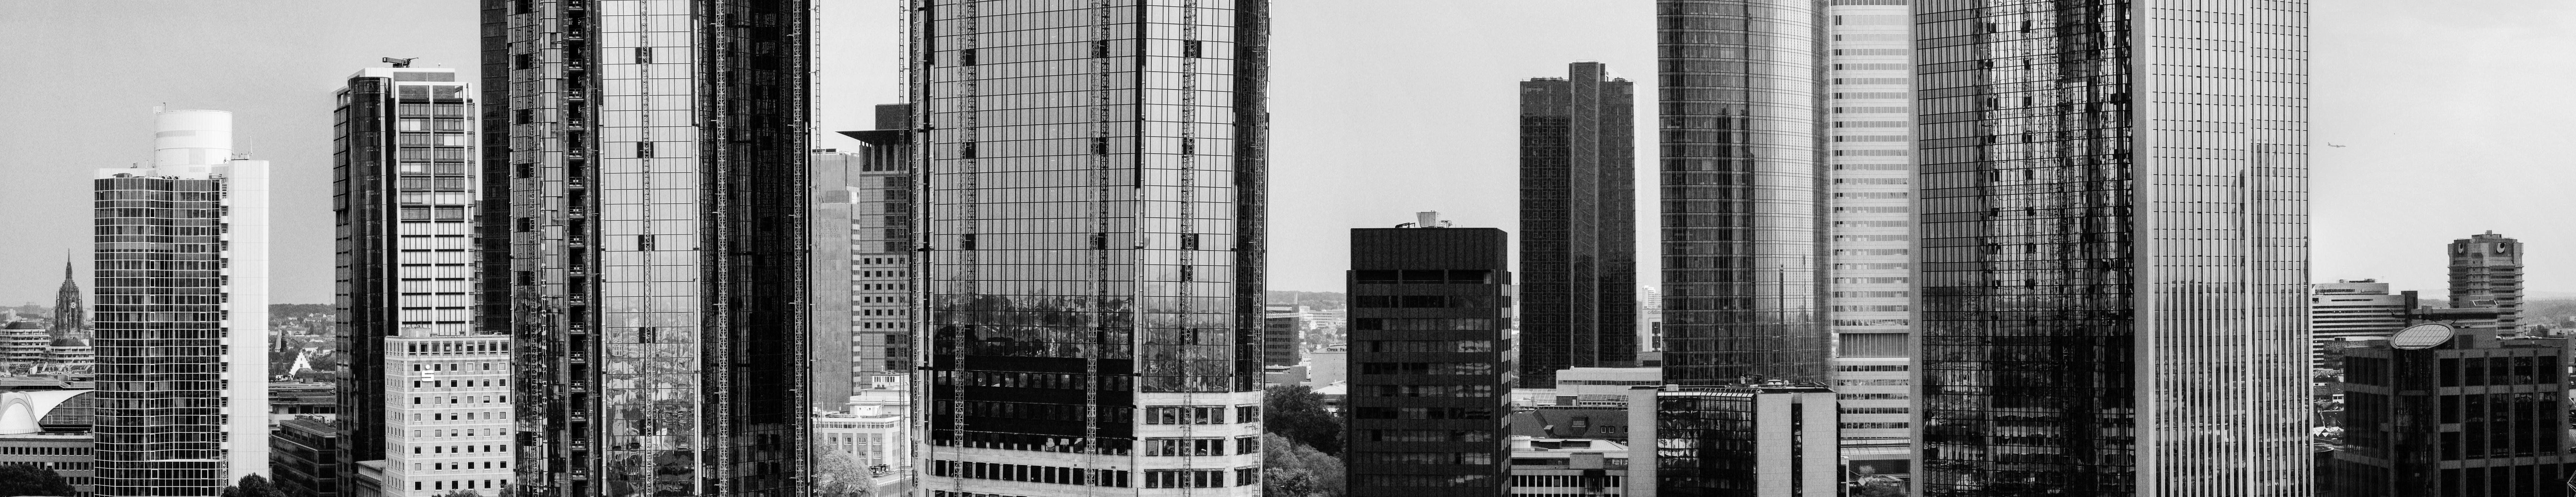 Architektur frankfurt querformat fotografie achim for Architektur frankfurt